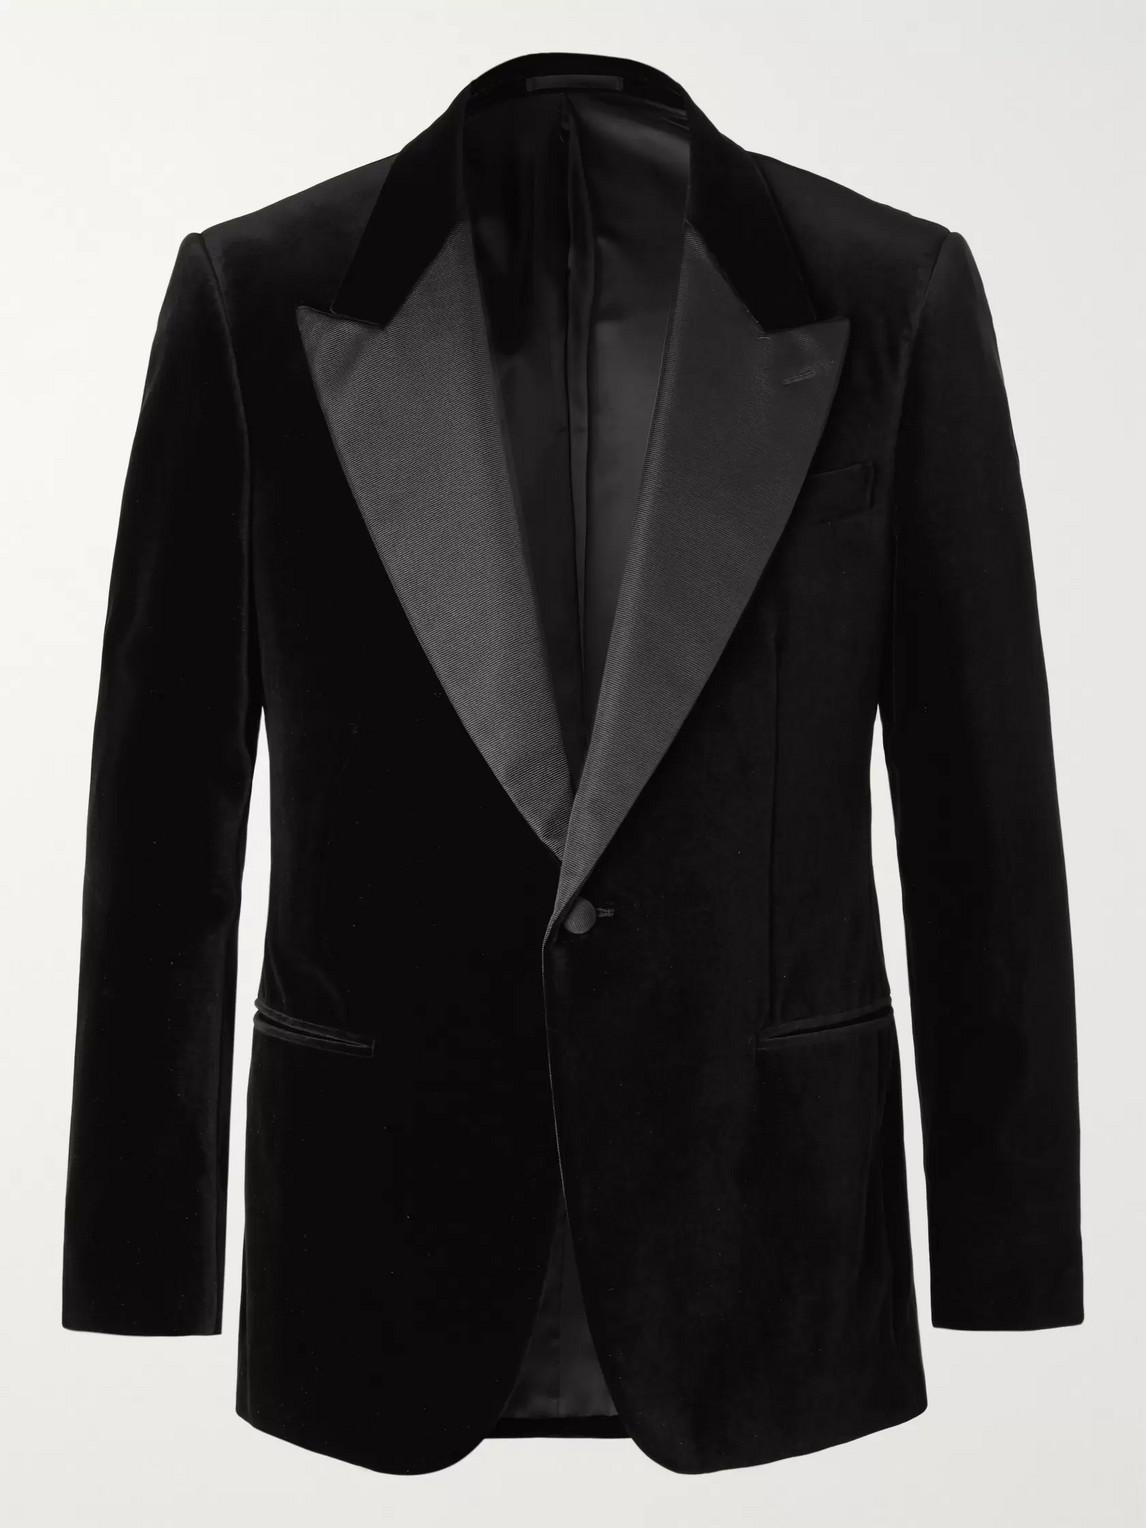 Kingsman Black Grosgrain-trimmed Cotton-velvet Tuxedo Jacket